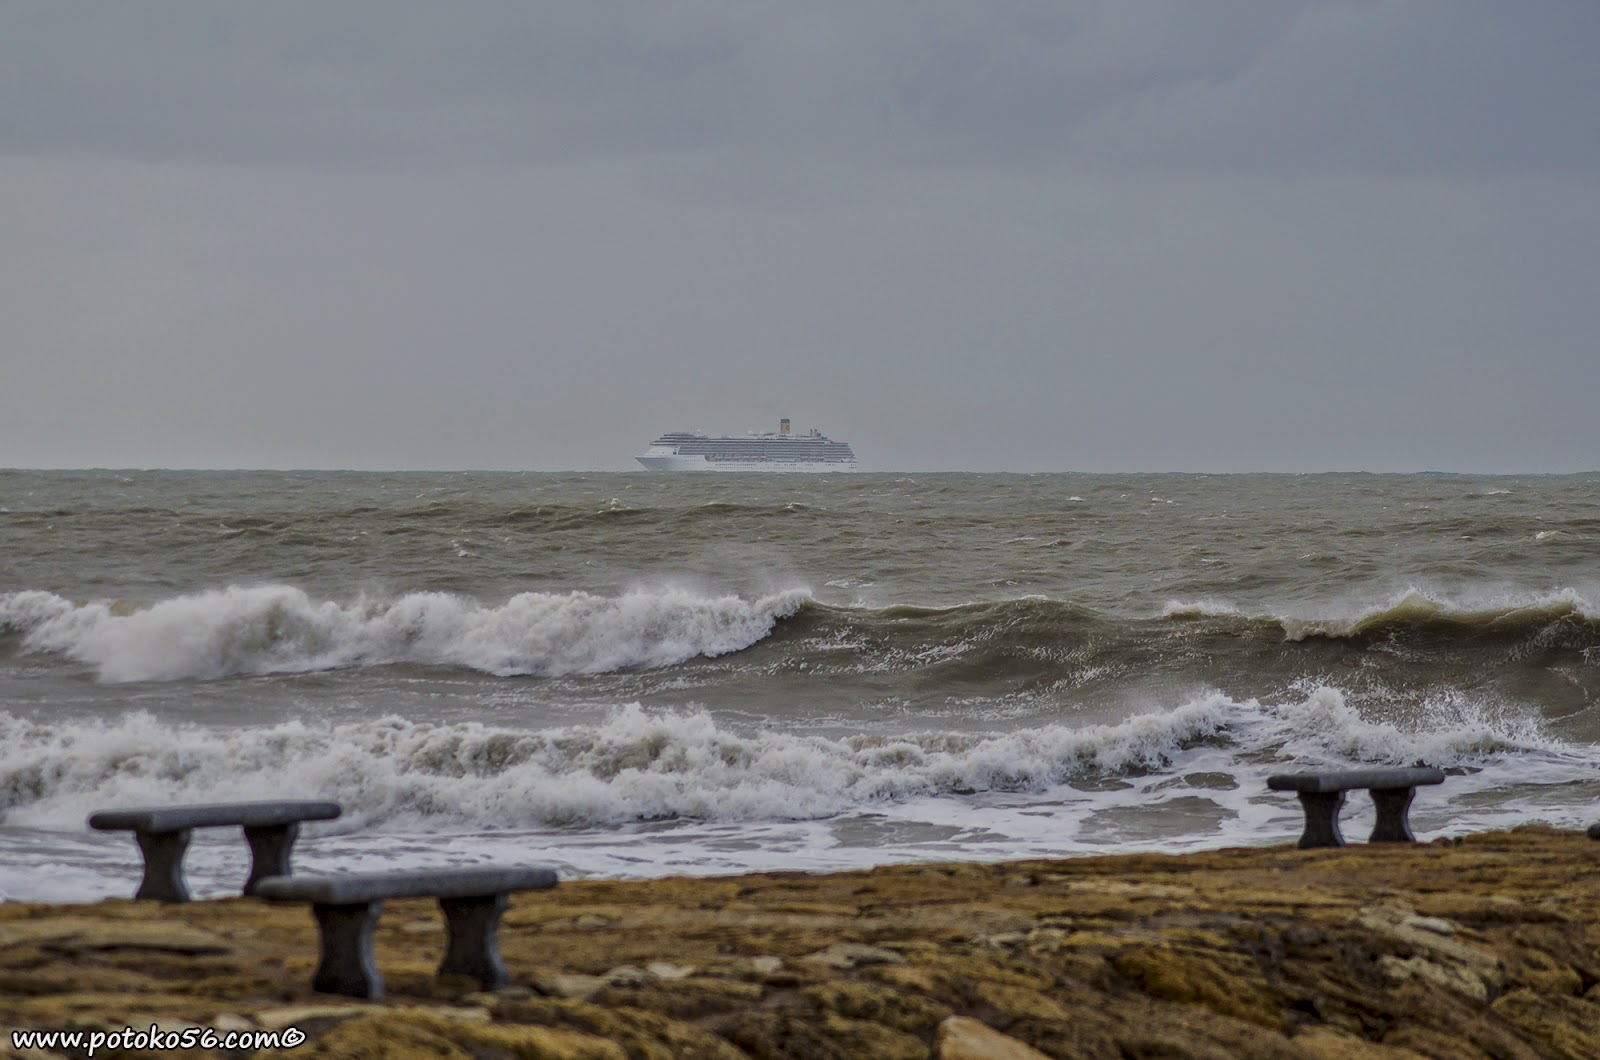 Transatlántico en la bahía de Cadiz para entrar a puerto